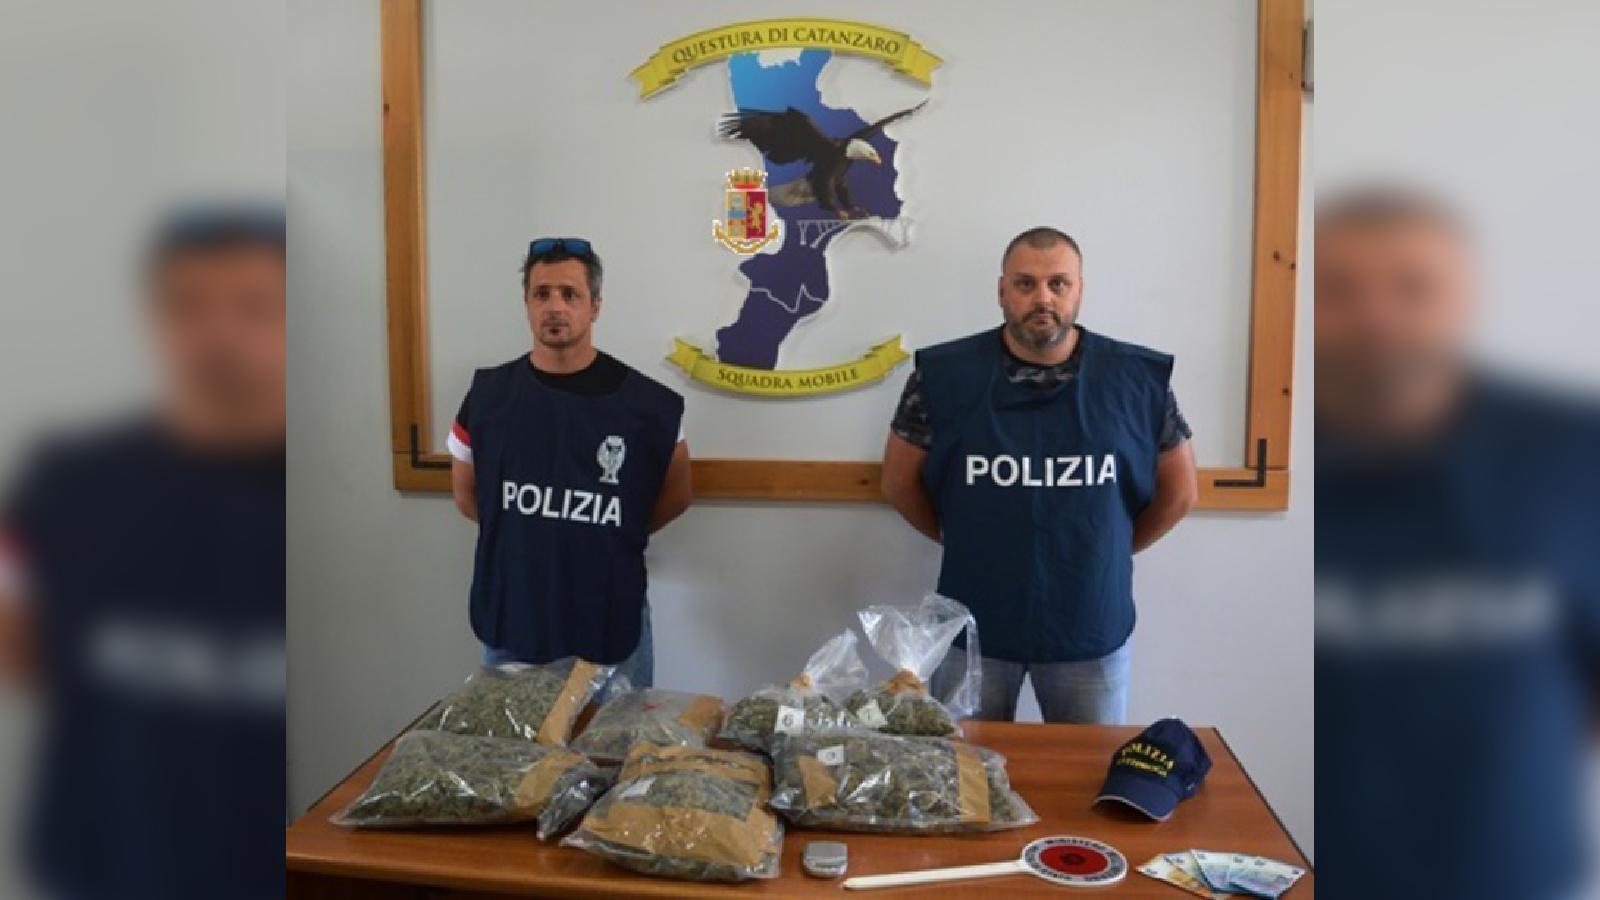 Quasi tre chili di marijuana nascosta in un garage  Due persone arrestate e una denunciata a Catanzaro